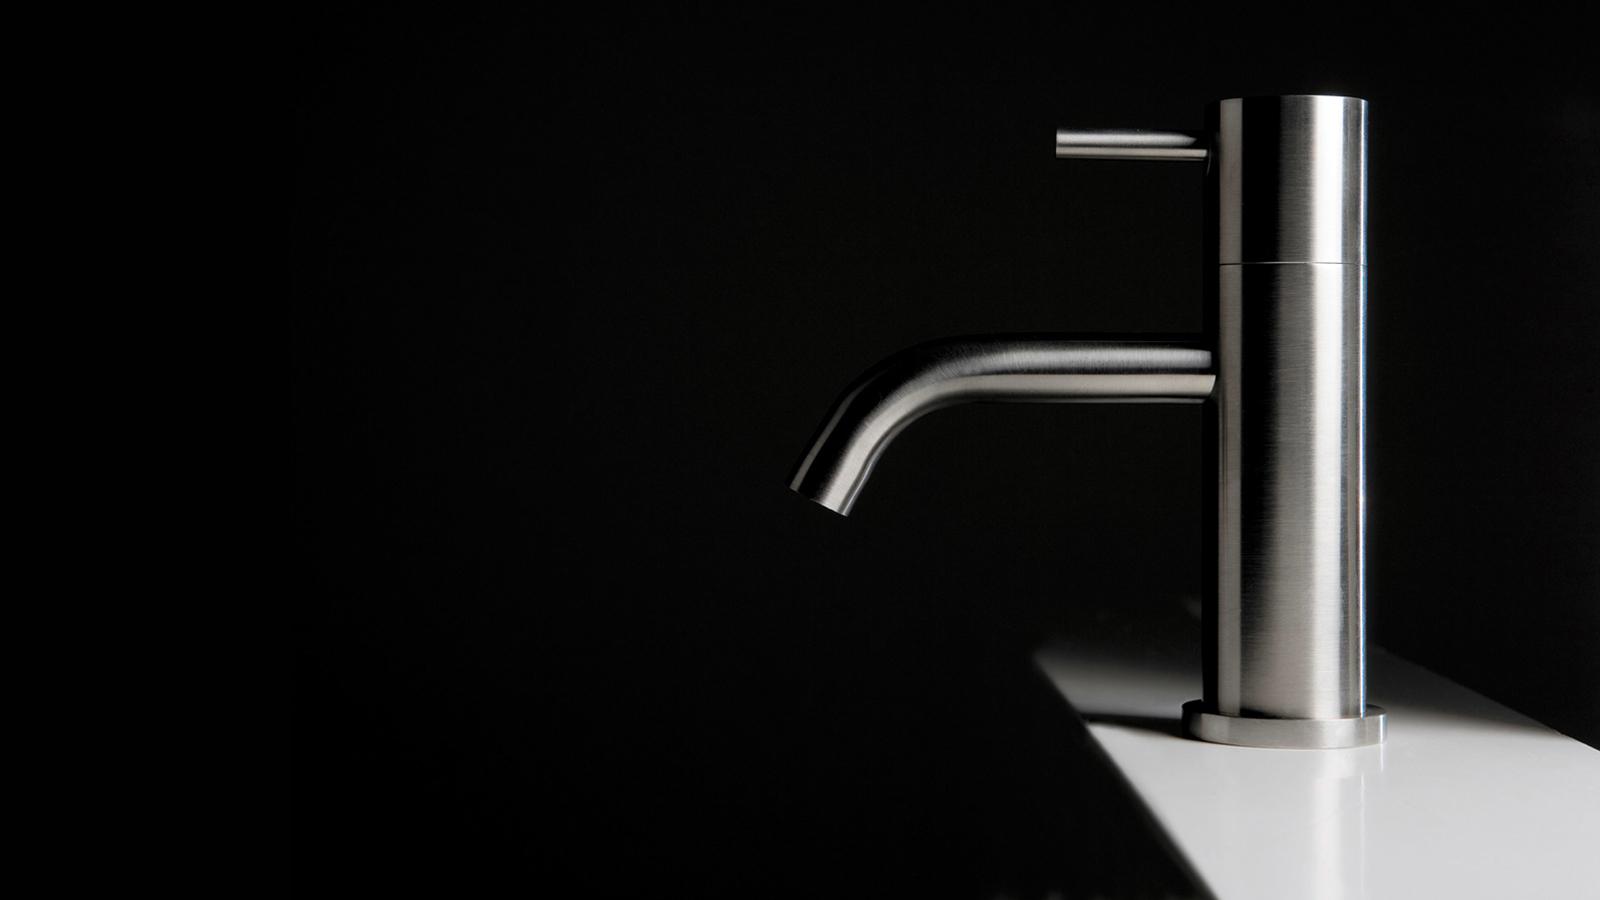 Az antoniolupi Ayati csapja esztétikai és funkcionális igények széles skáláját elégíti ki: a sokféle méretben kapható, variálható és állítható méretű alkatrész a legkülönbözőbb stílusú mosdókban találja meg a helyét. Az íves, gömbölyű formák a víz áramlását és körforgását idézik. A tartós rozsdamentes acél kialakításának köszönhetően az idő múlásával sem változik minősége - mindvégig higiénikus és tiszta darab marad, pont, amilyennek az egész fürdőszobánkat szeretnénk, hogy legyen.